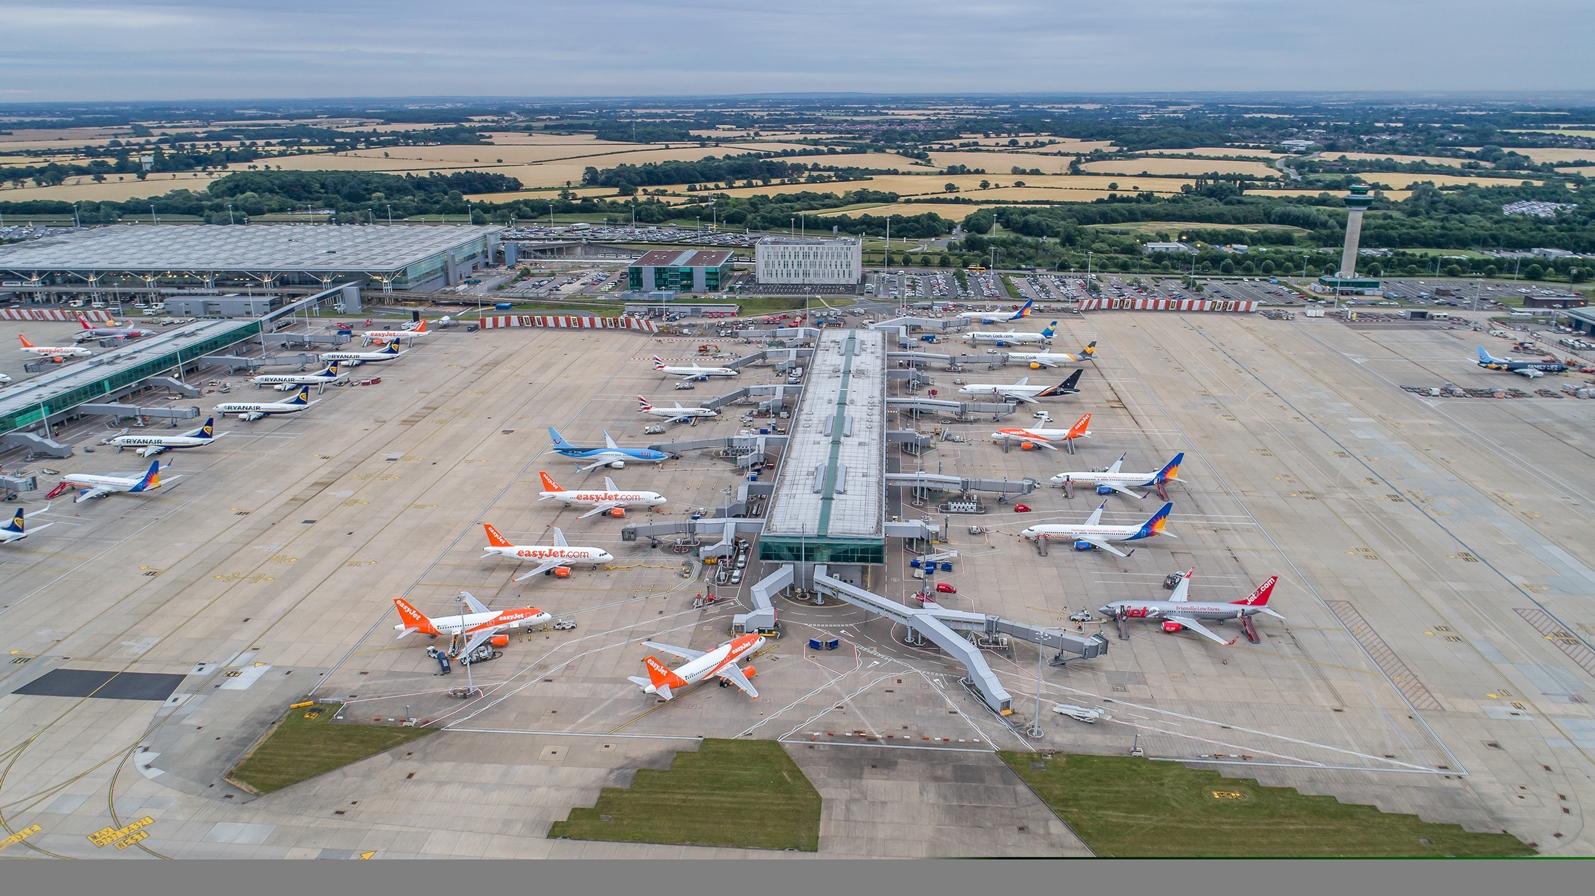 Lufthavnen i Stansted nord for London hvorfra Jet2.com flyet var lettet mod Tyrkiet, men vendte tilbage efter en times tid på grund af uregerlig kvinde. Pressefoto: Stansted Airport.